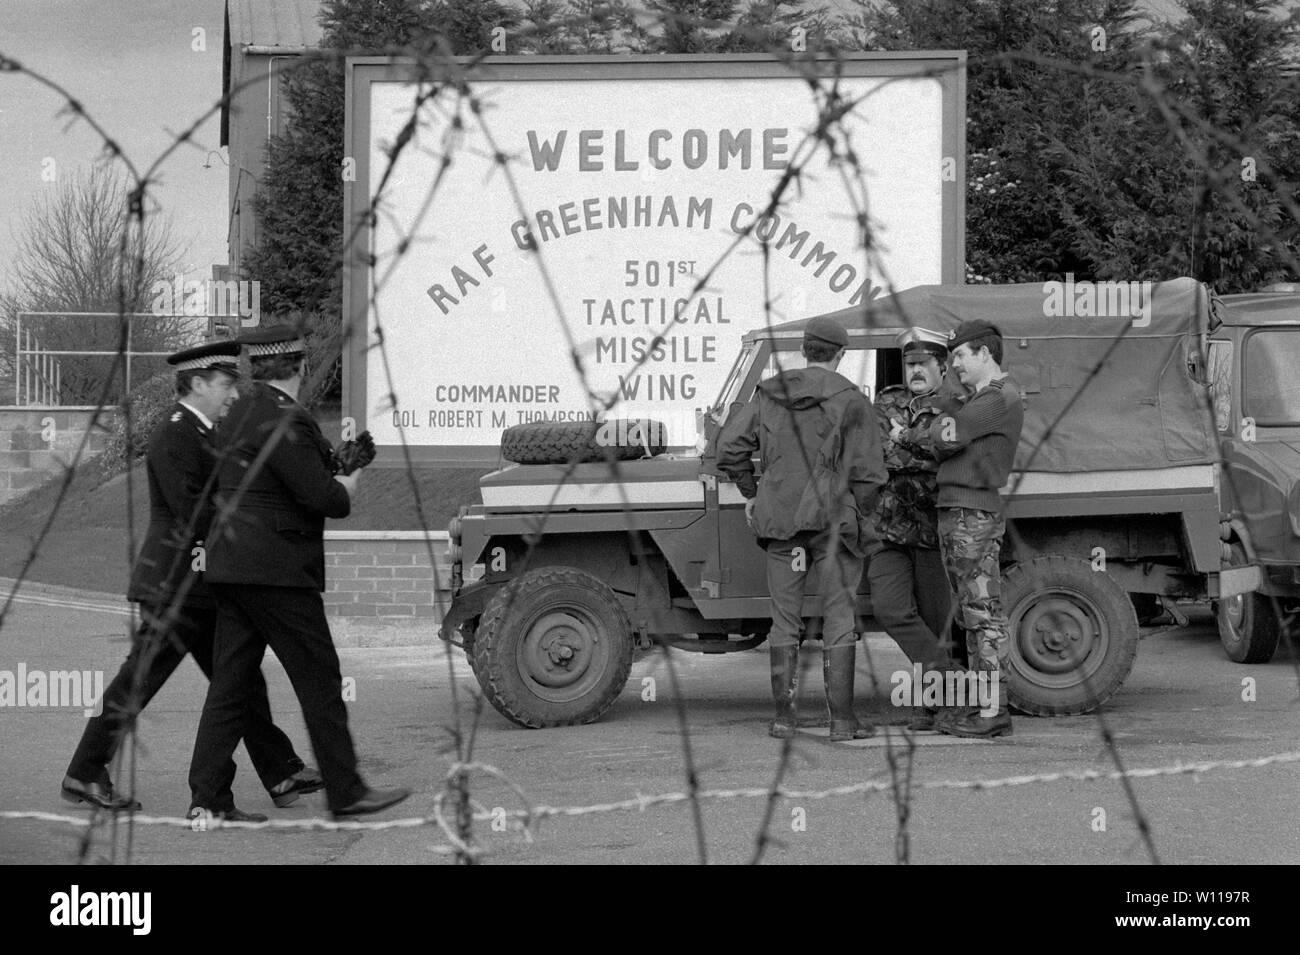 Greenham Common RAF base militar del ejército británico en 1983 la policía protege la base de la RAF, durante la CND Womens Peace Camp bloqueo. 1980 UK HOMER SYKES Foto de stock